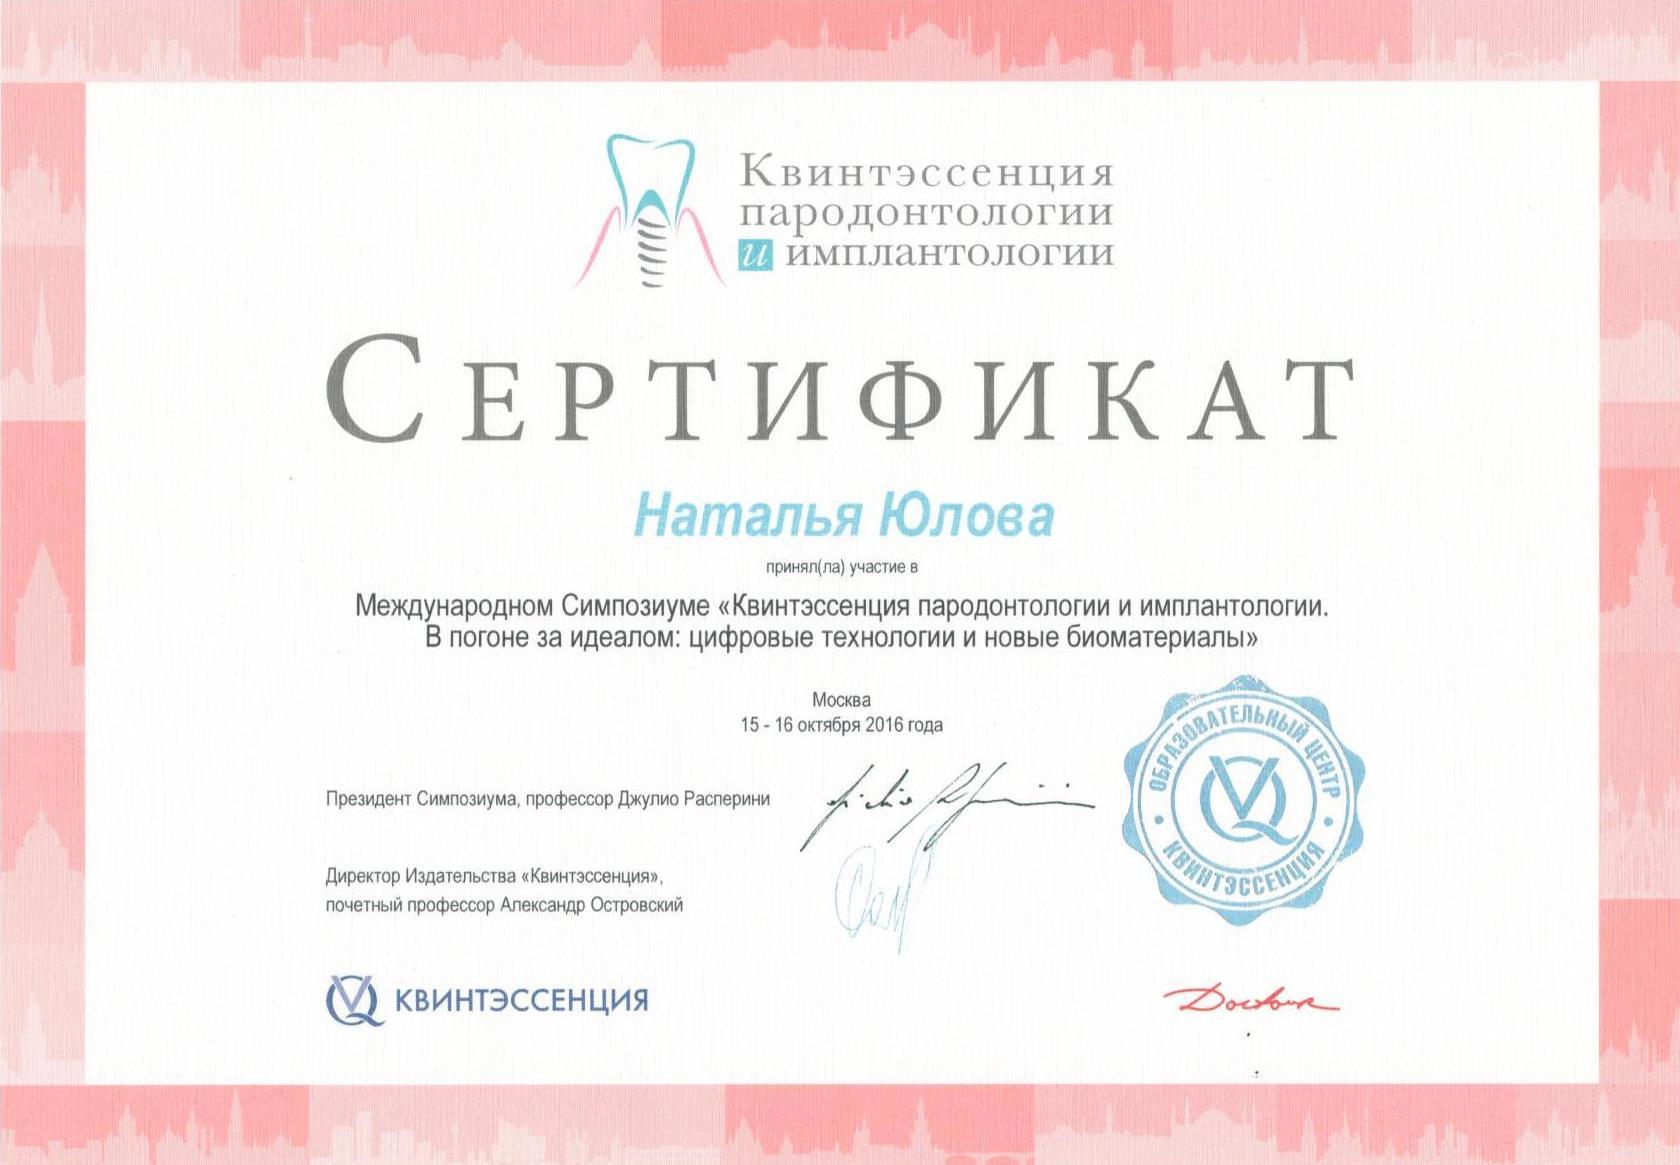 Сертификат Юлова (Москва 2016)